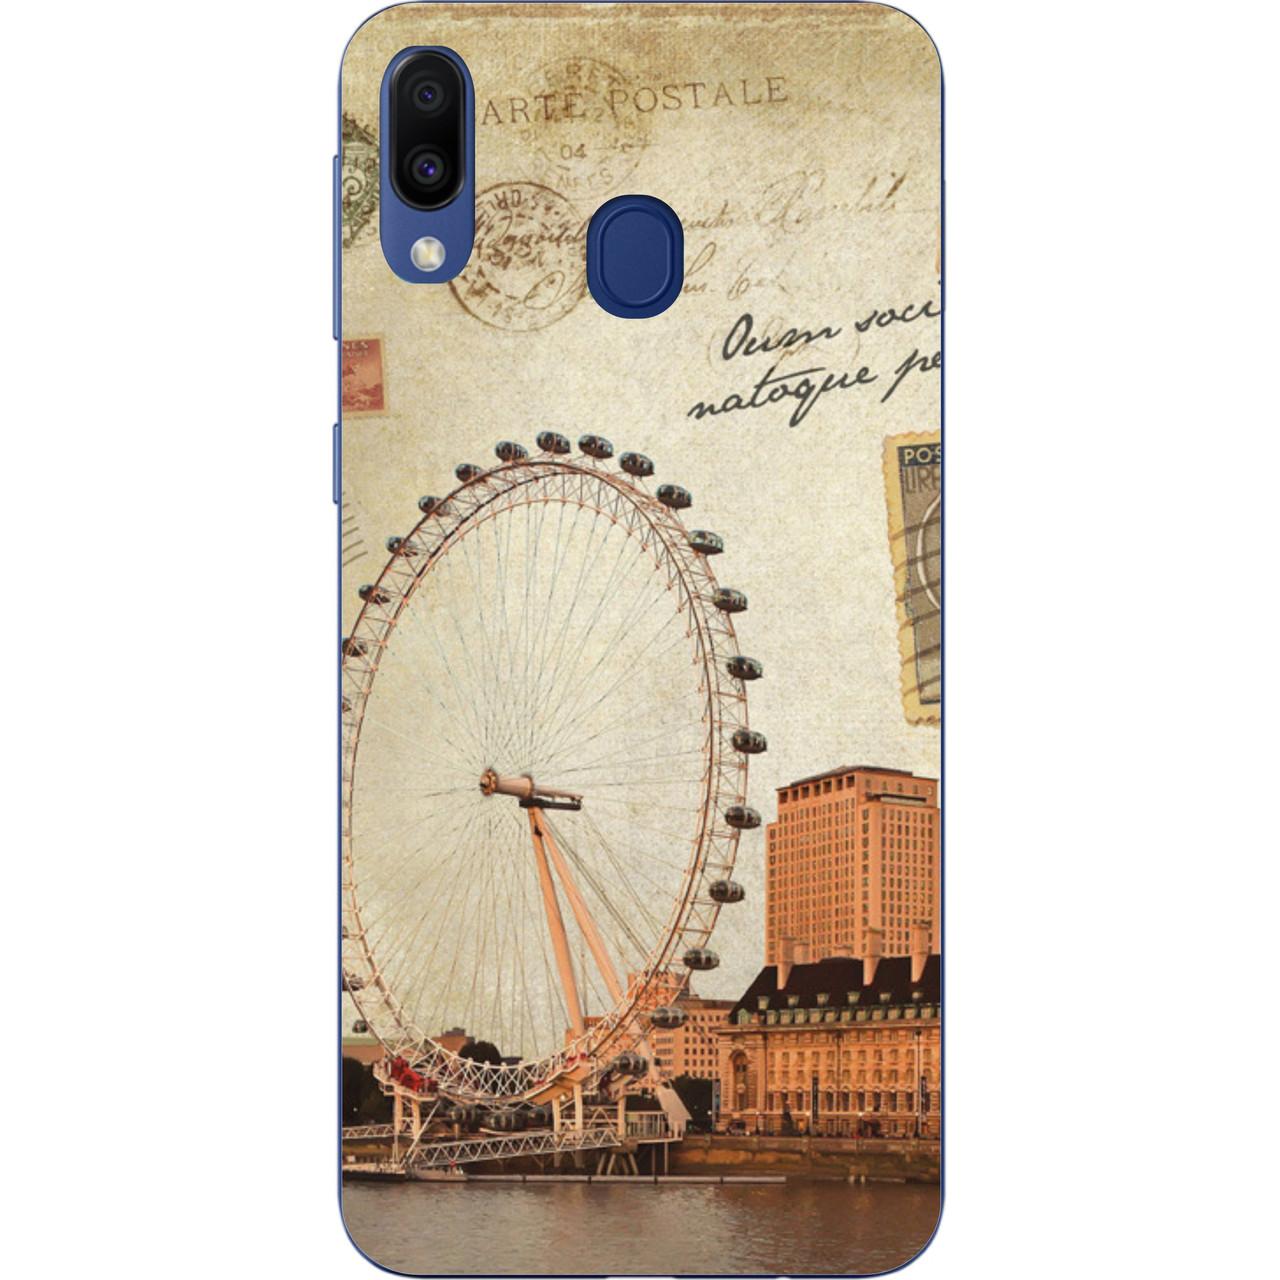 Оригинальный чехол накладка для Samsung Galaxy M20 с картинкой Лондон